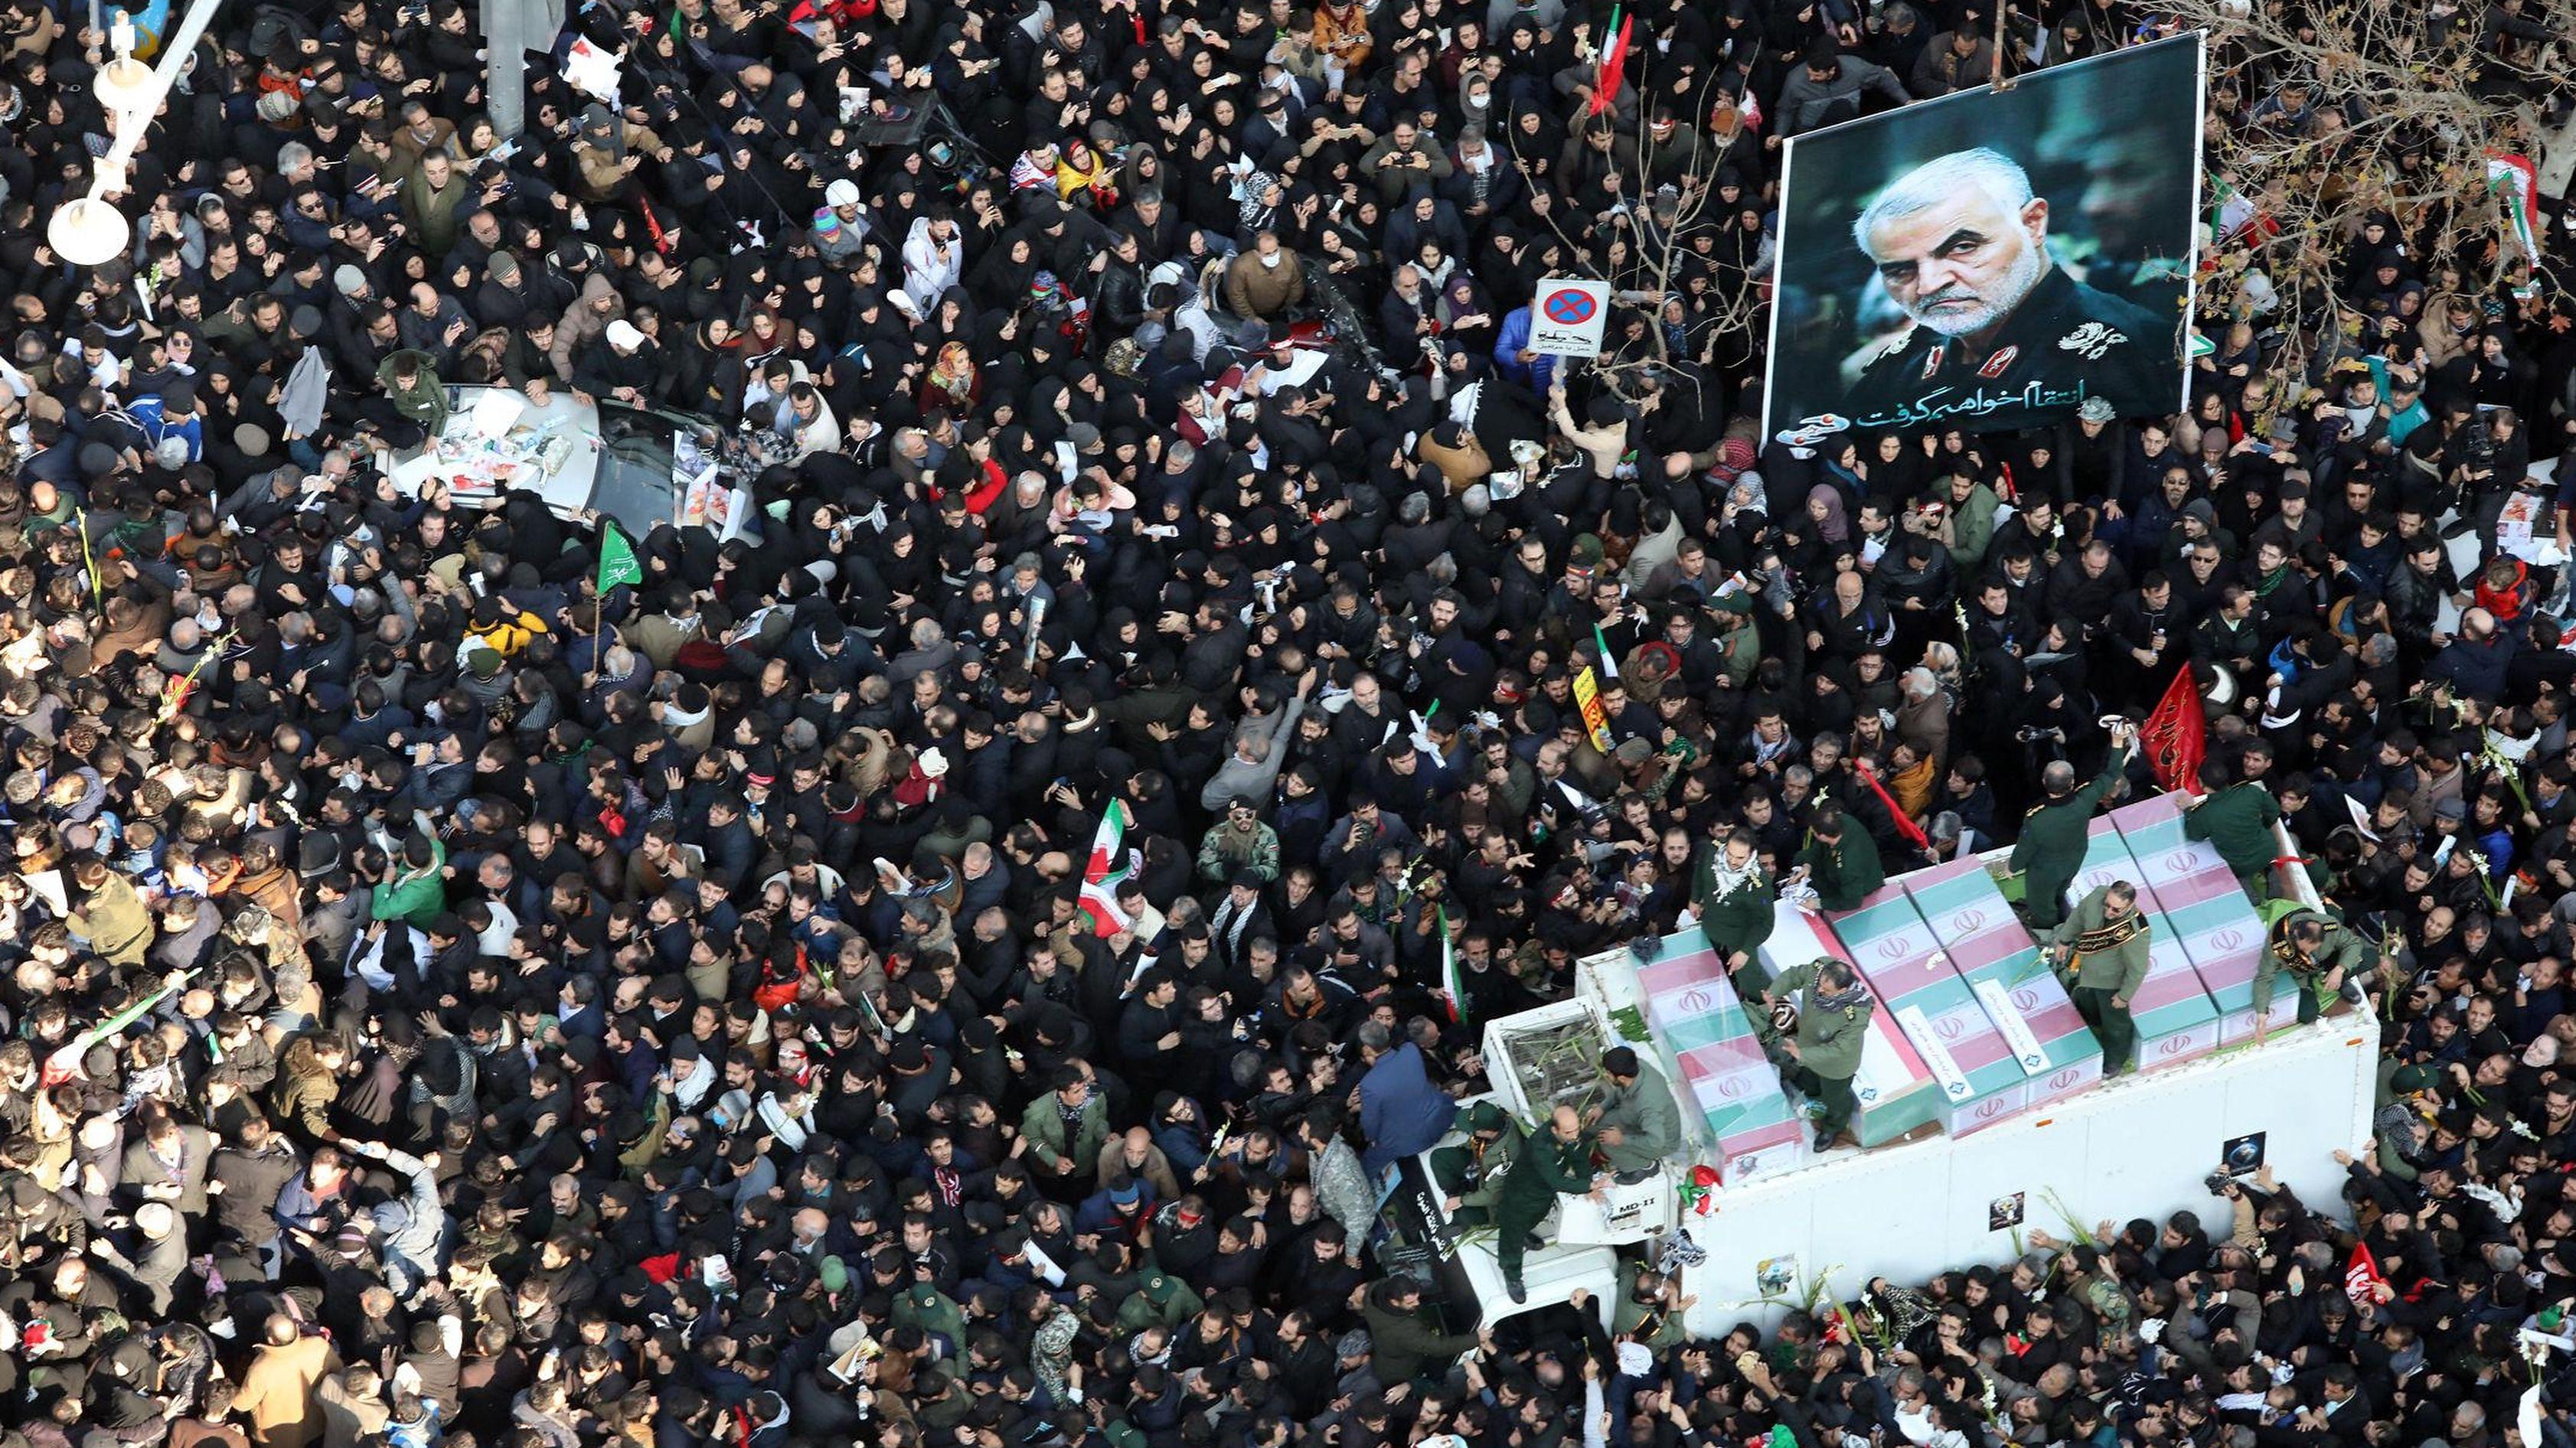 Das Begräbnis des getöteten Generals Soleimani am 4. Januar aus der Vogelperspektive: Hunderttausende Gläubige und Irans Oberster Führer Ali Chamenei begleiten den Sarg